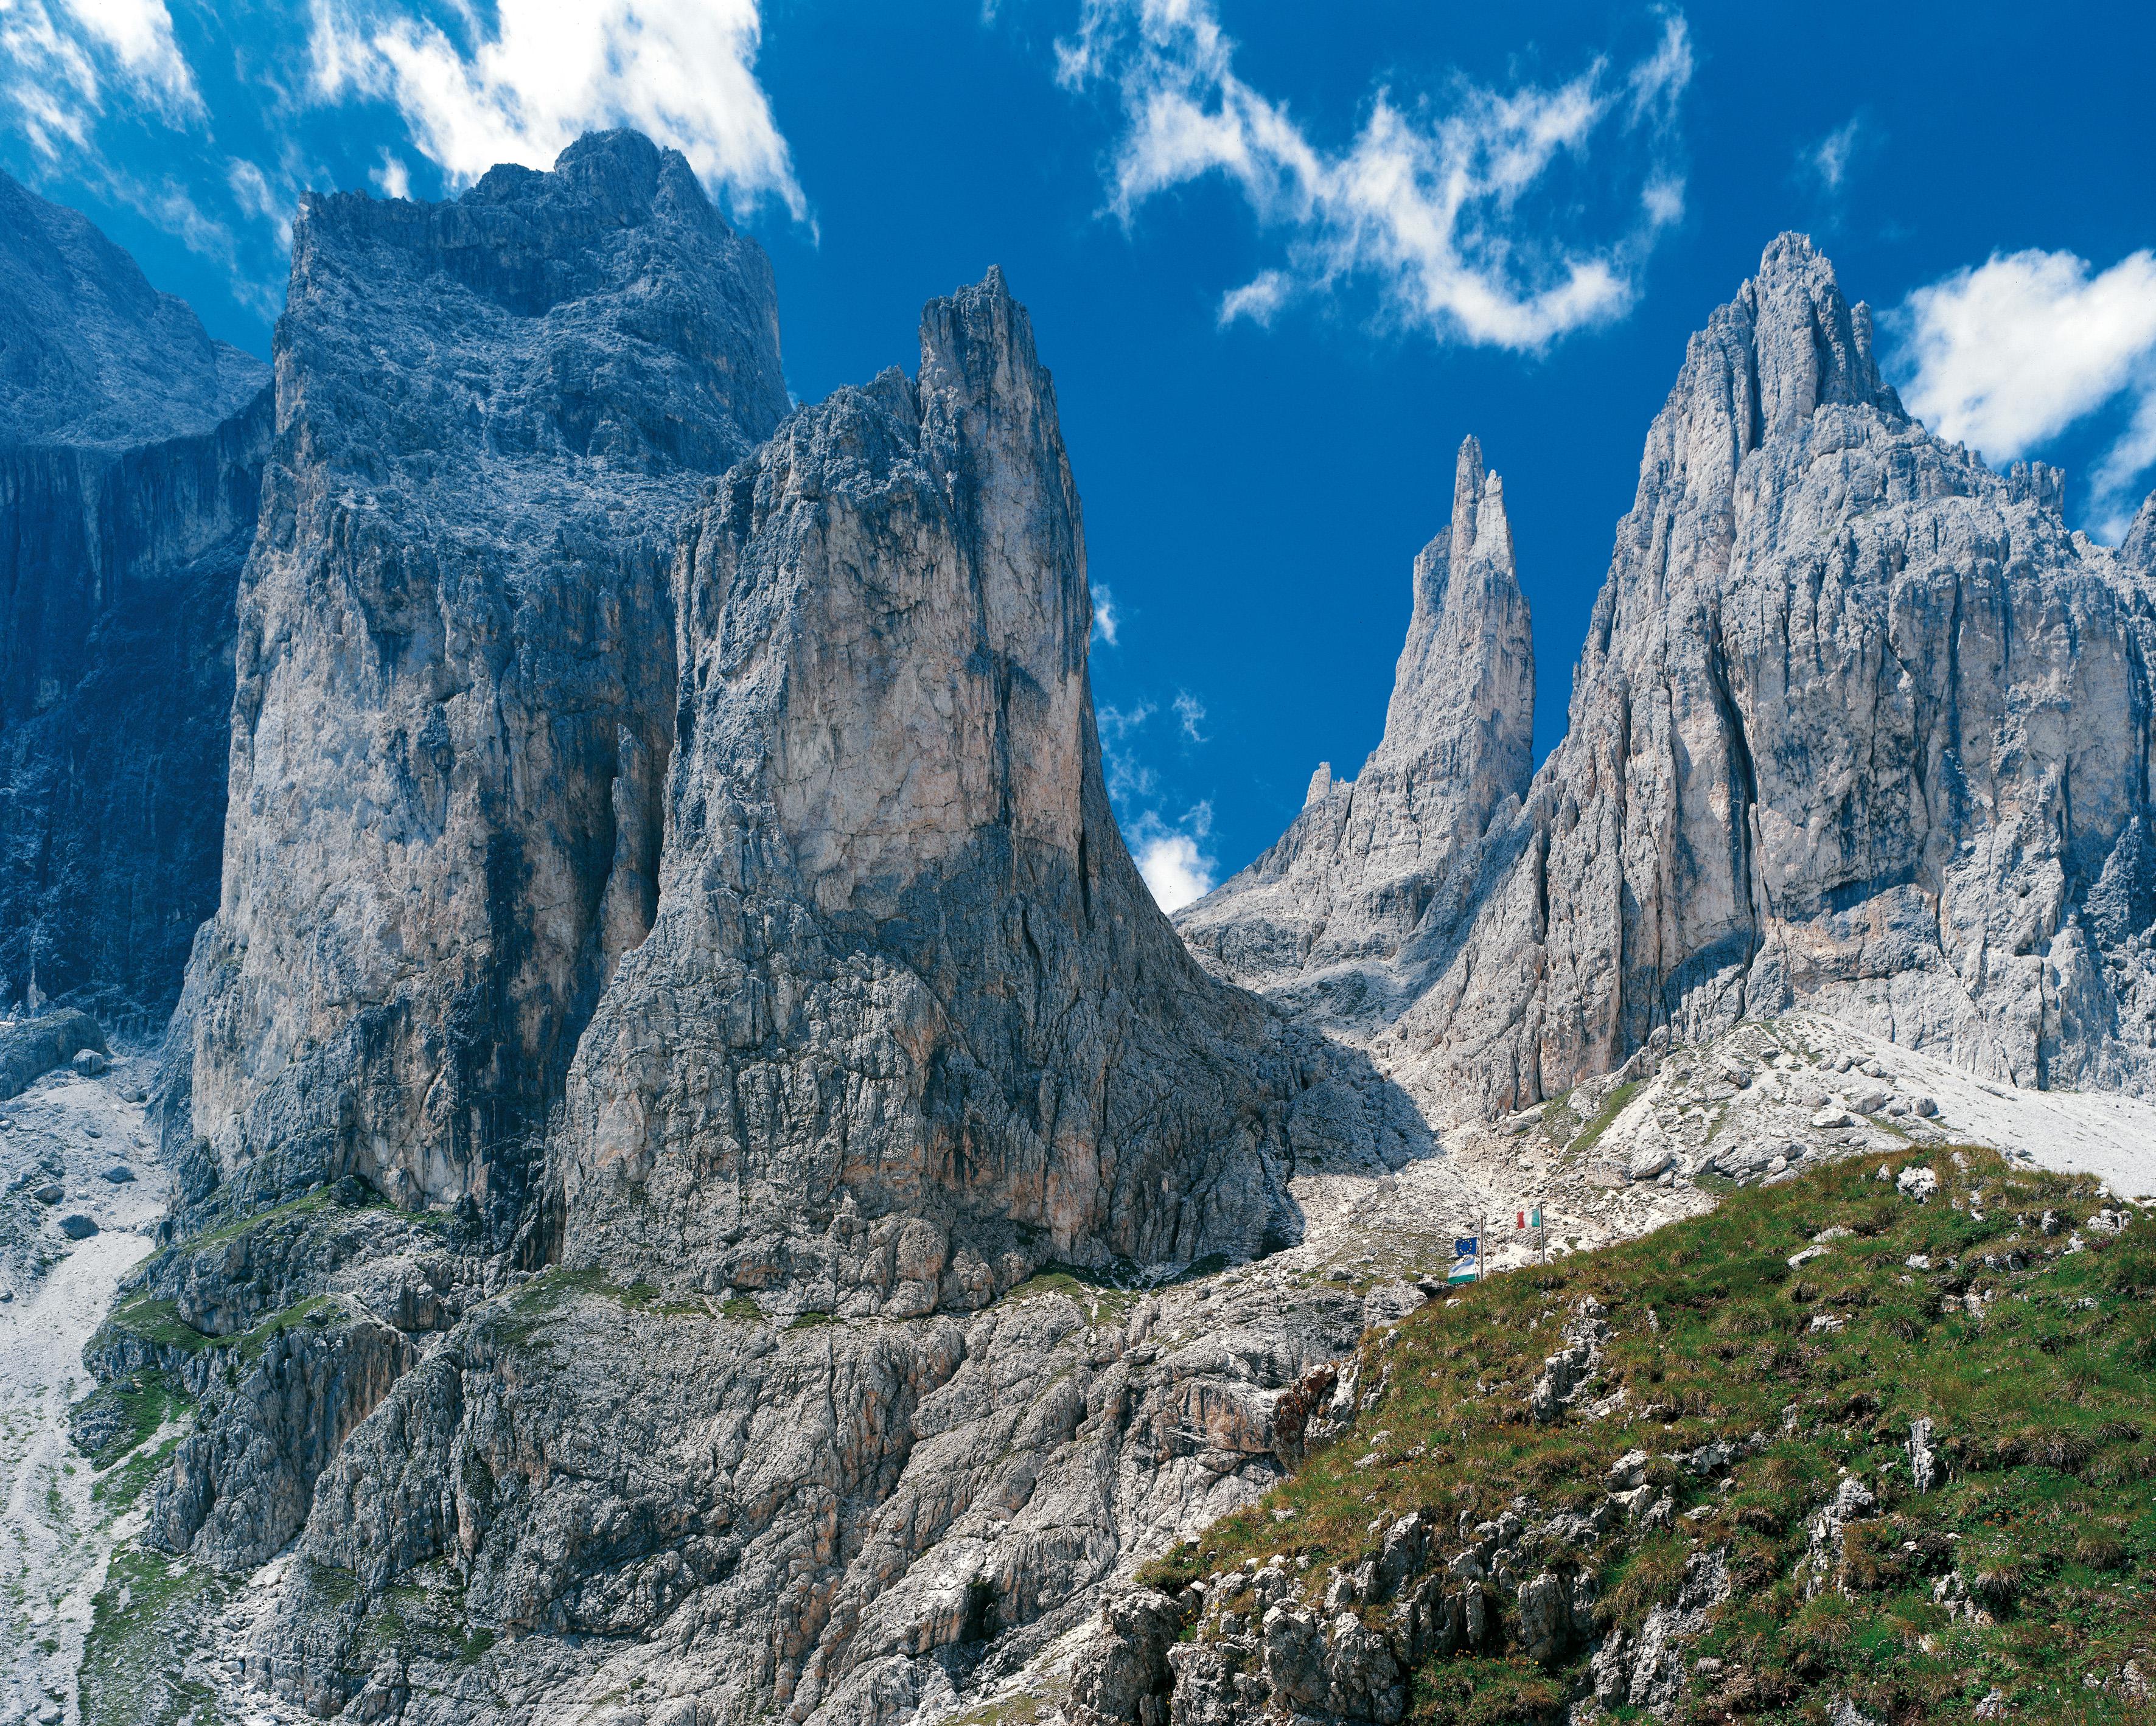 Dolomiti Unesco - Latemar e Catinaccio  Foto: Archivio ufficio stampa Proviincia Autonoma di Trento Sul Cd originale foto in CMYK a 60 mega